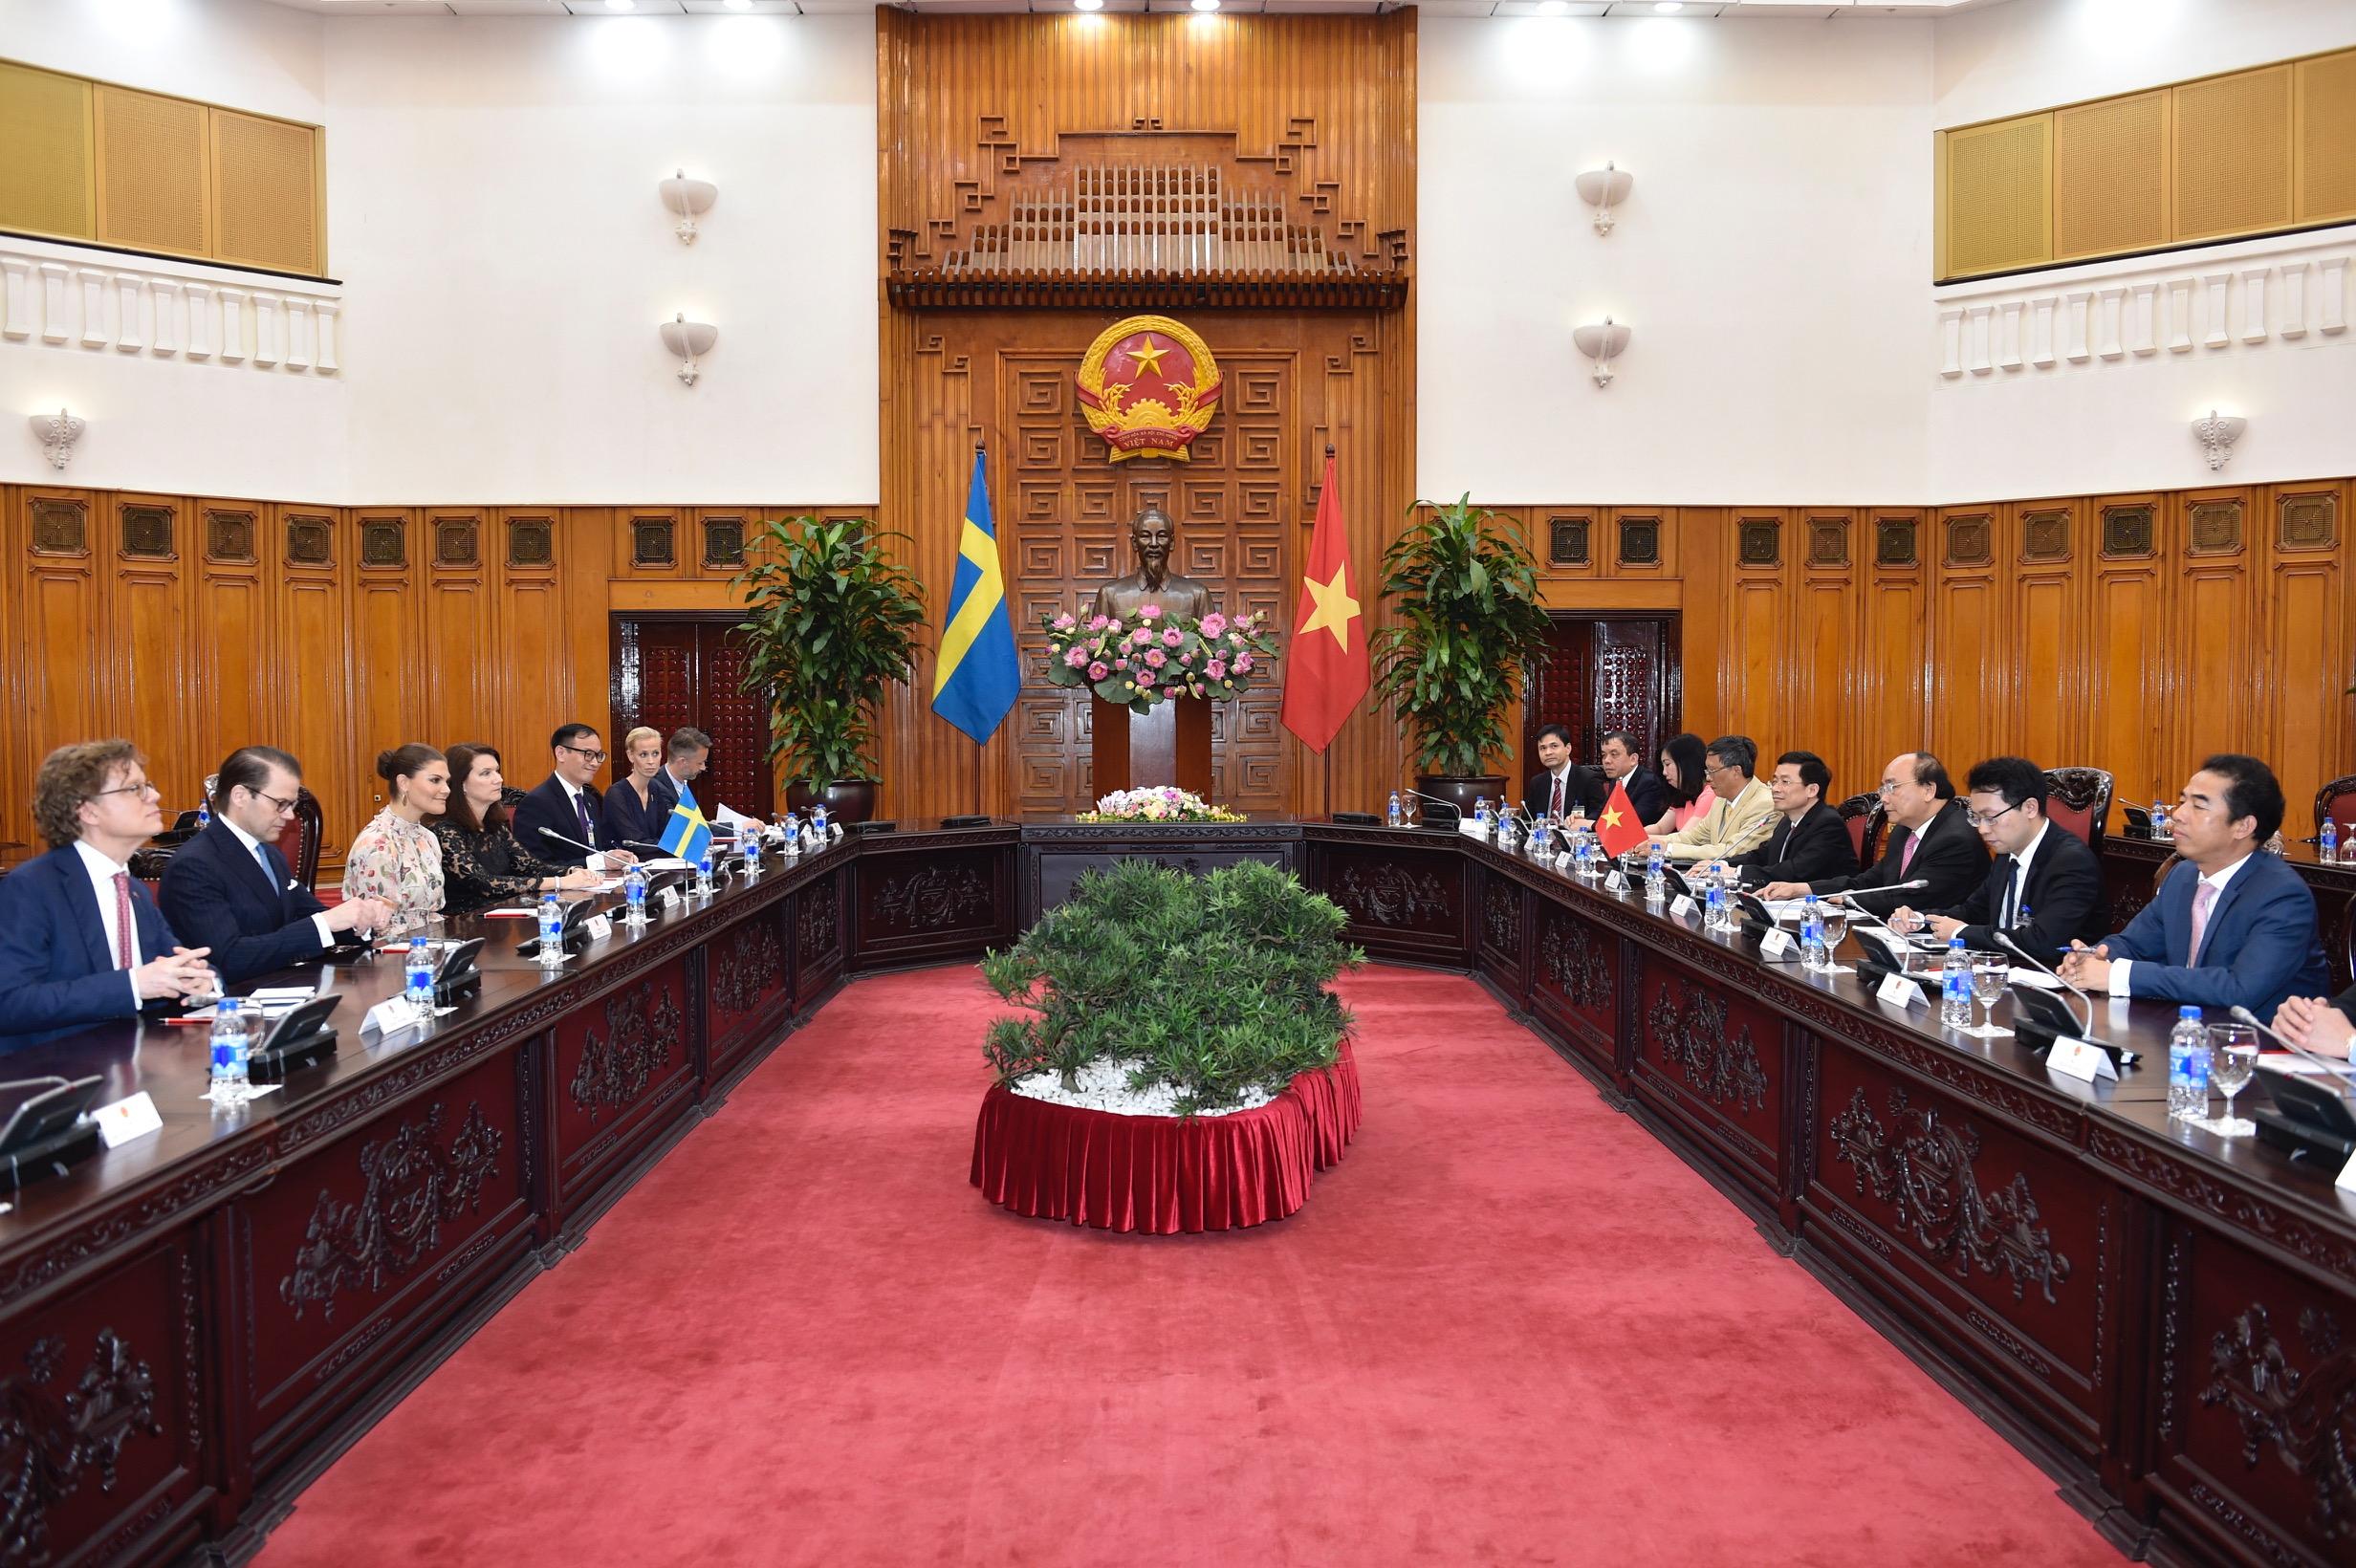 Nỗ lực thúc đẩy quan hệ hữu nghị và hợp tác giữa Việt Nam - Thụy Điển